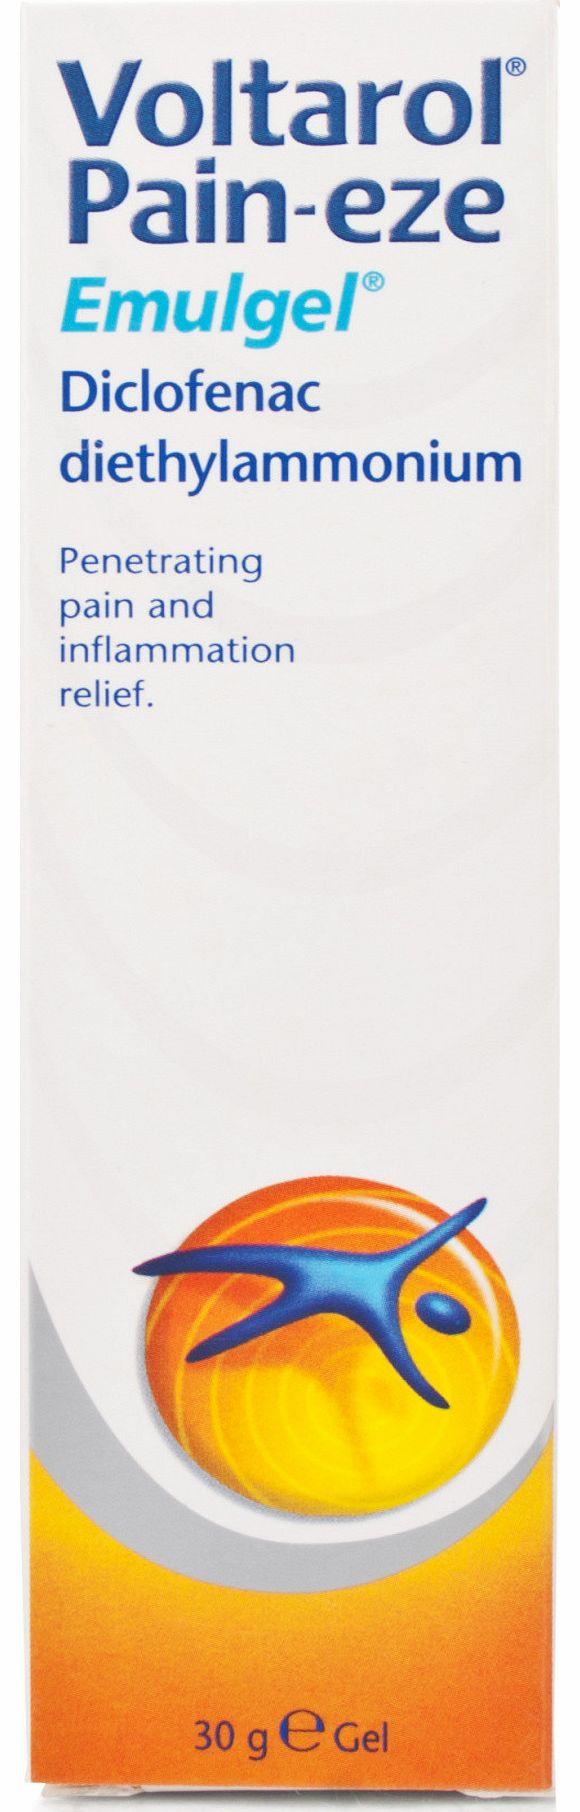 Voltarol Pain Eze Tablets